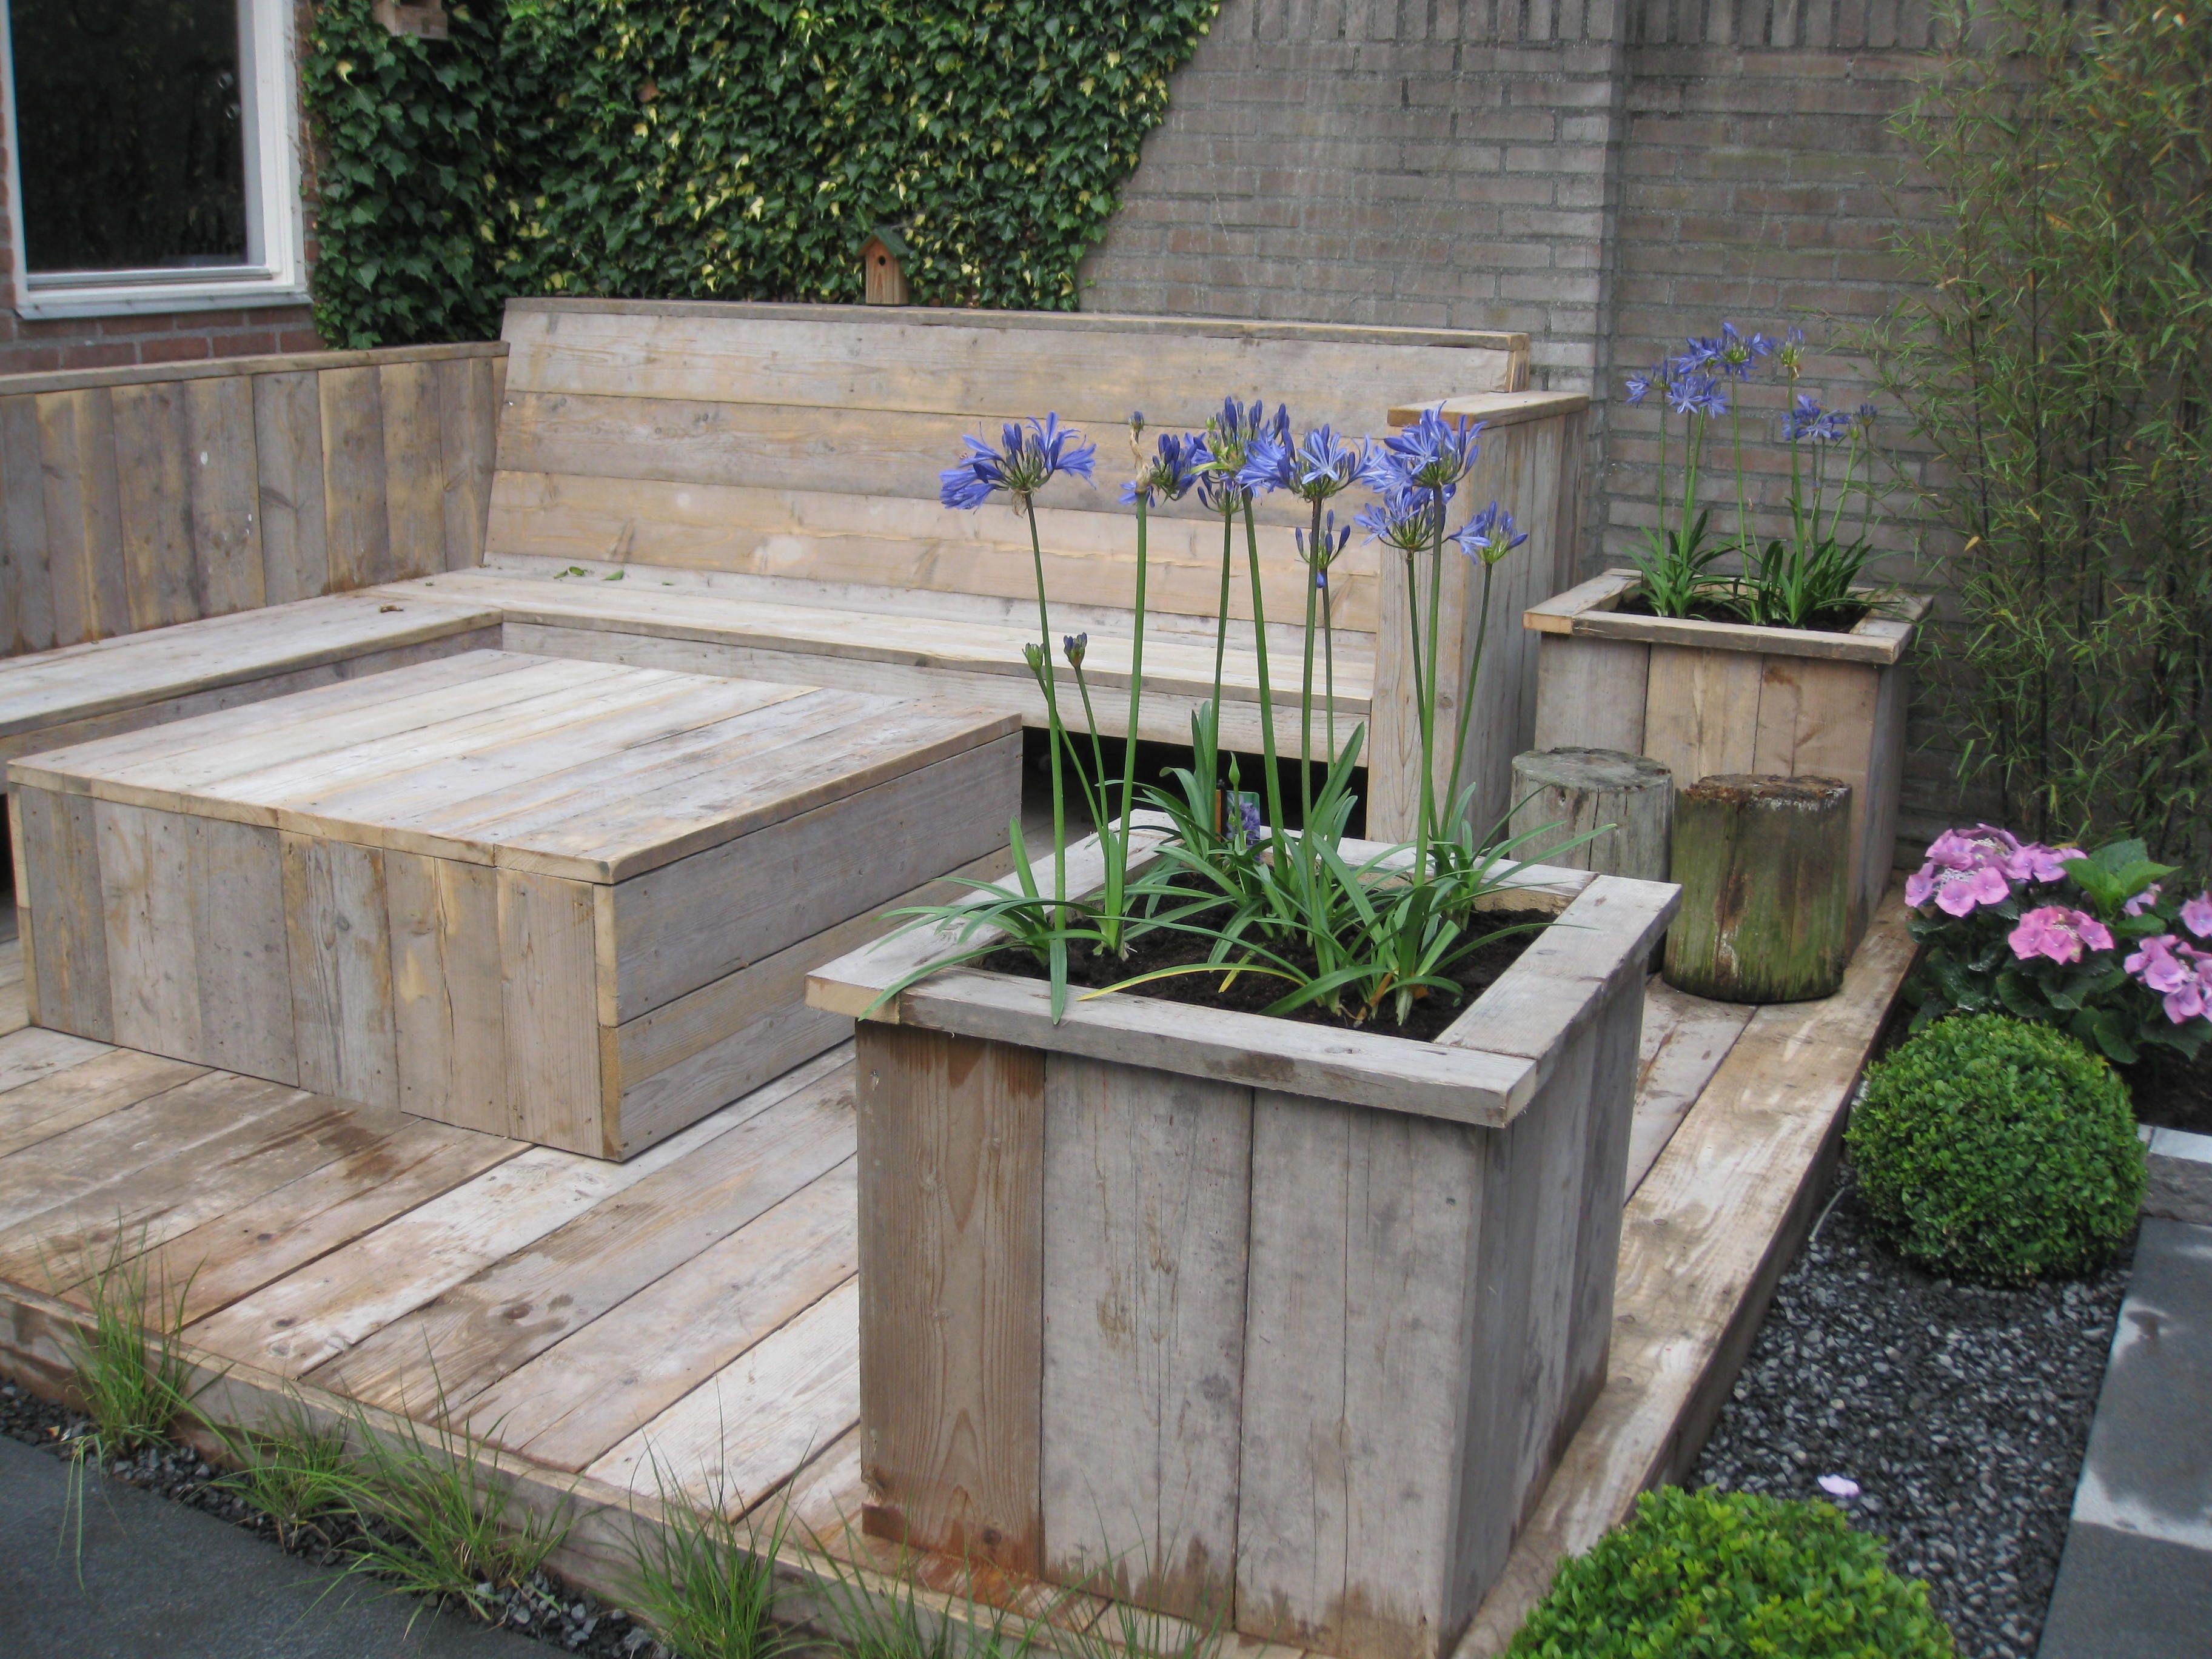 Tuin inrichting loungebank vlonder en plantenbakken van for Inrichting tuin